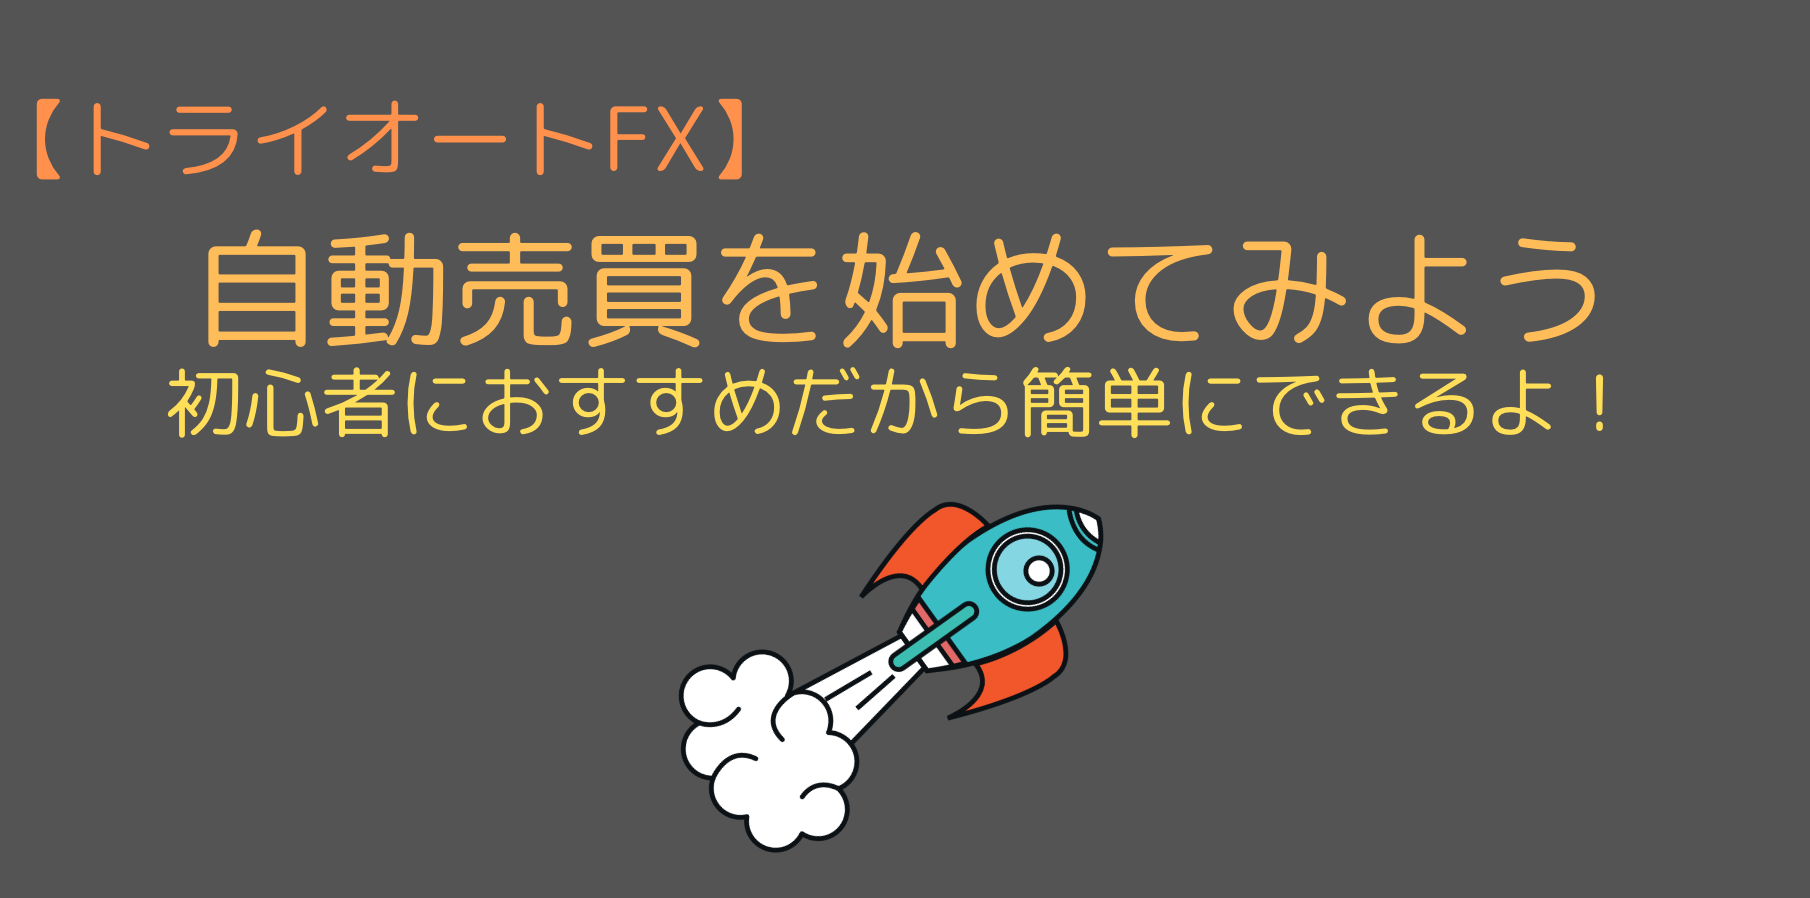 トライオートFXまとめ